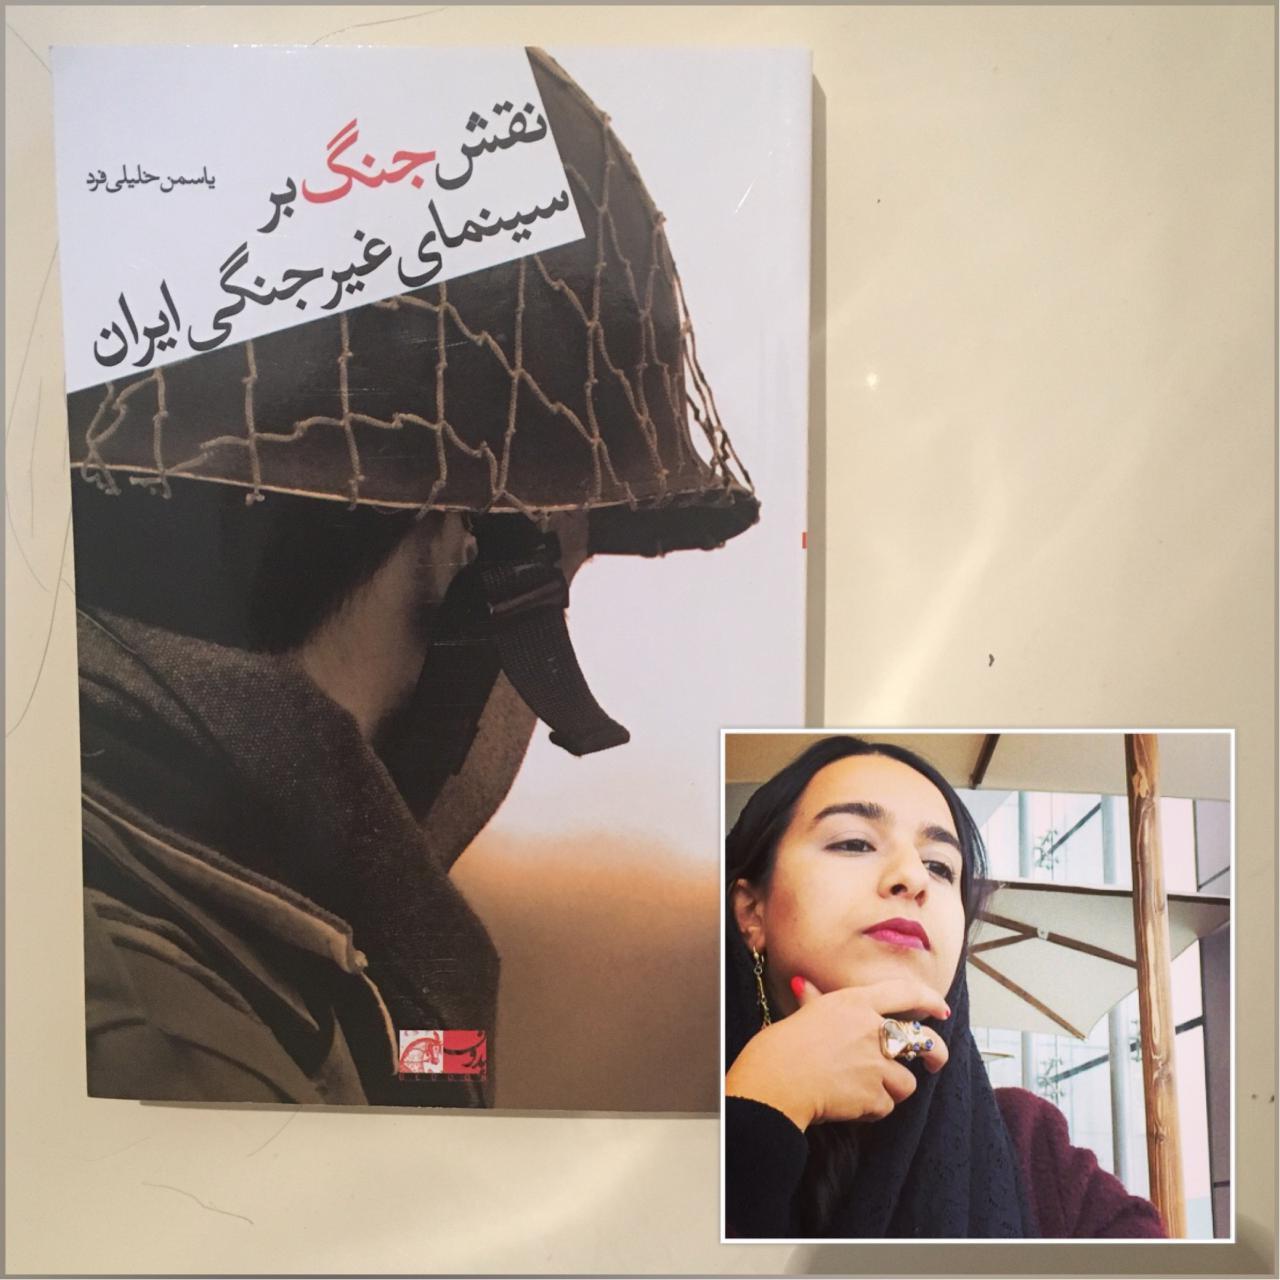 كتاب «نقش جنگ بر سينماى غيرجنگى ايران»نوشته ياسمن خليلى فرد منتشر شد